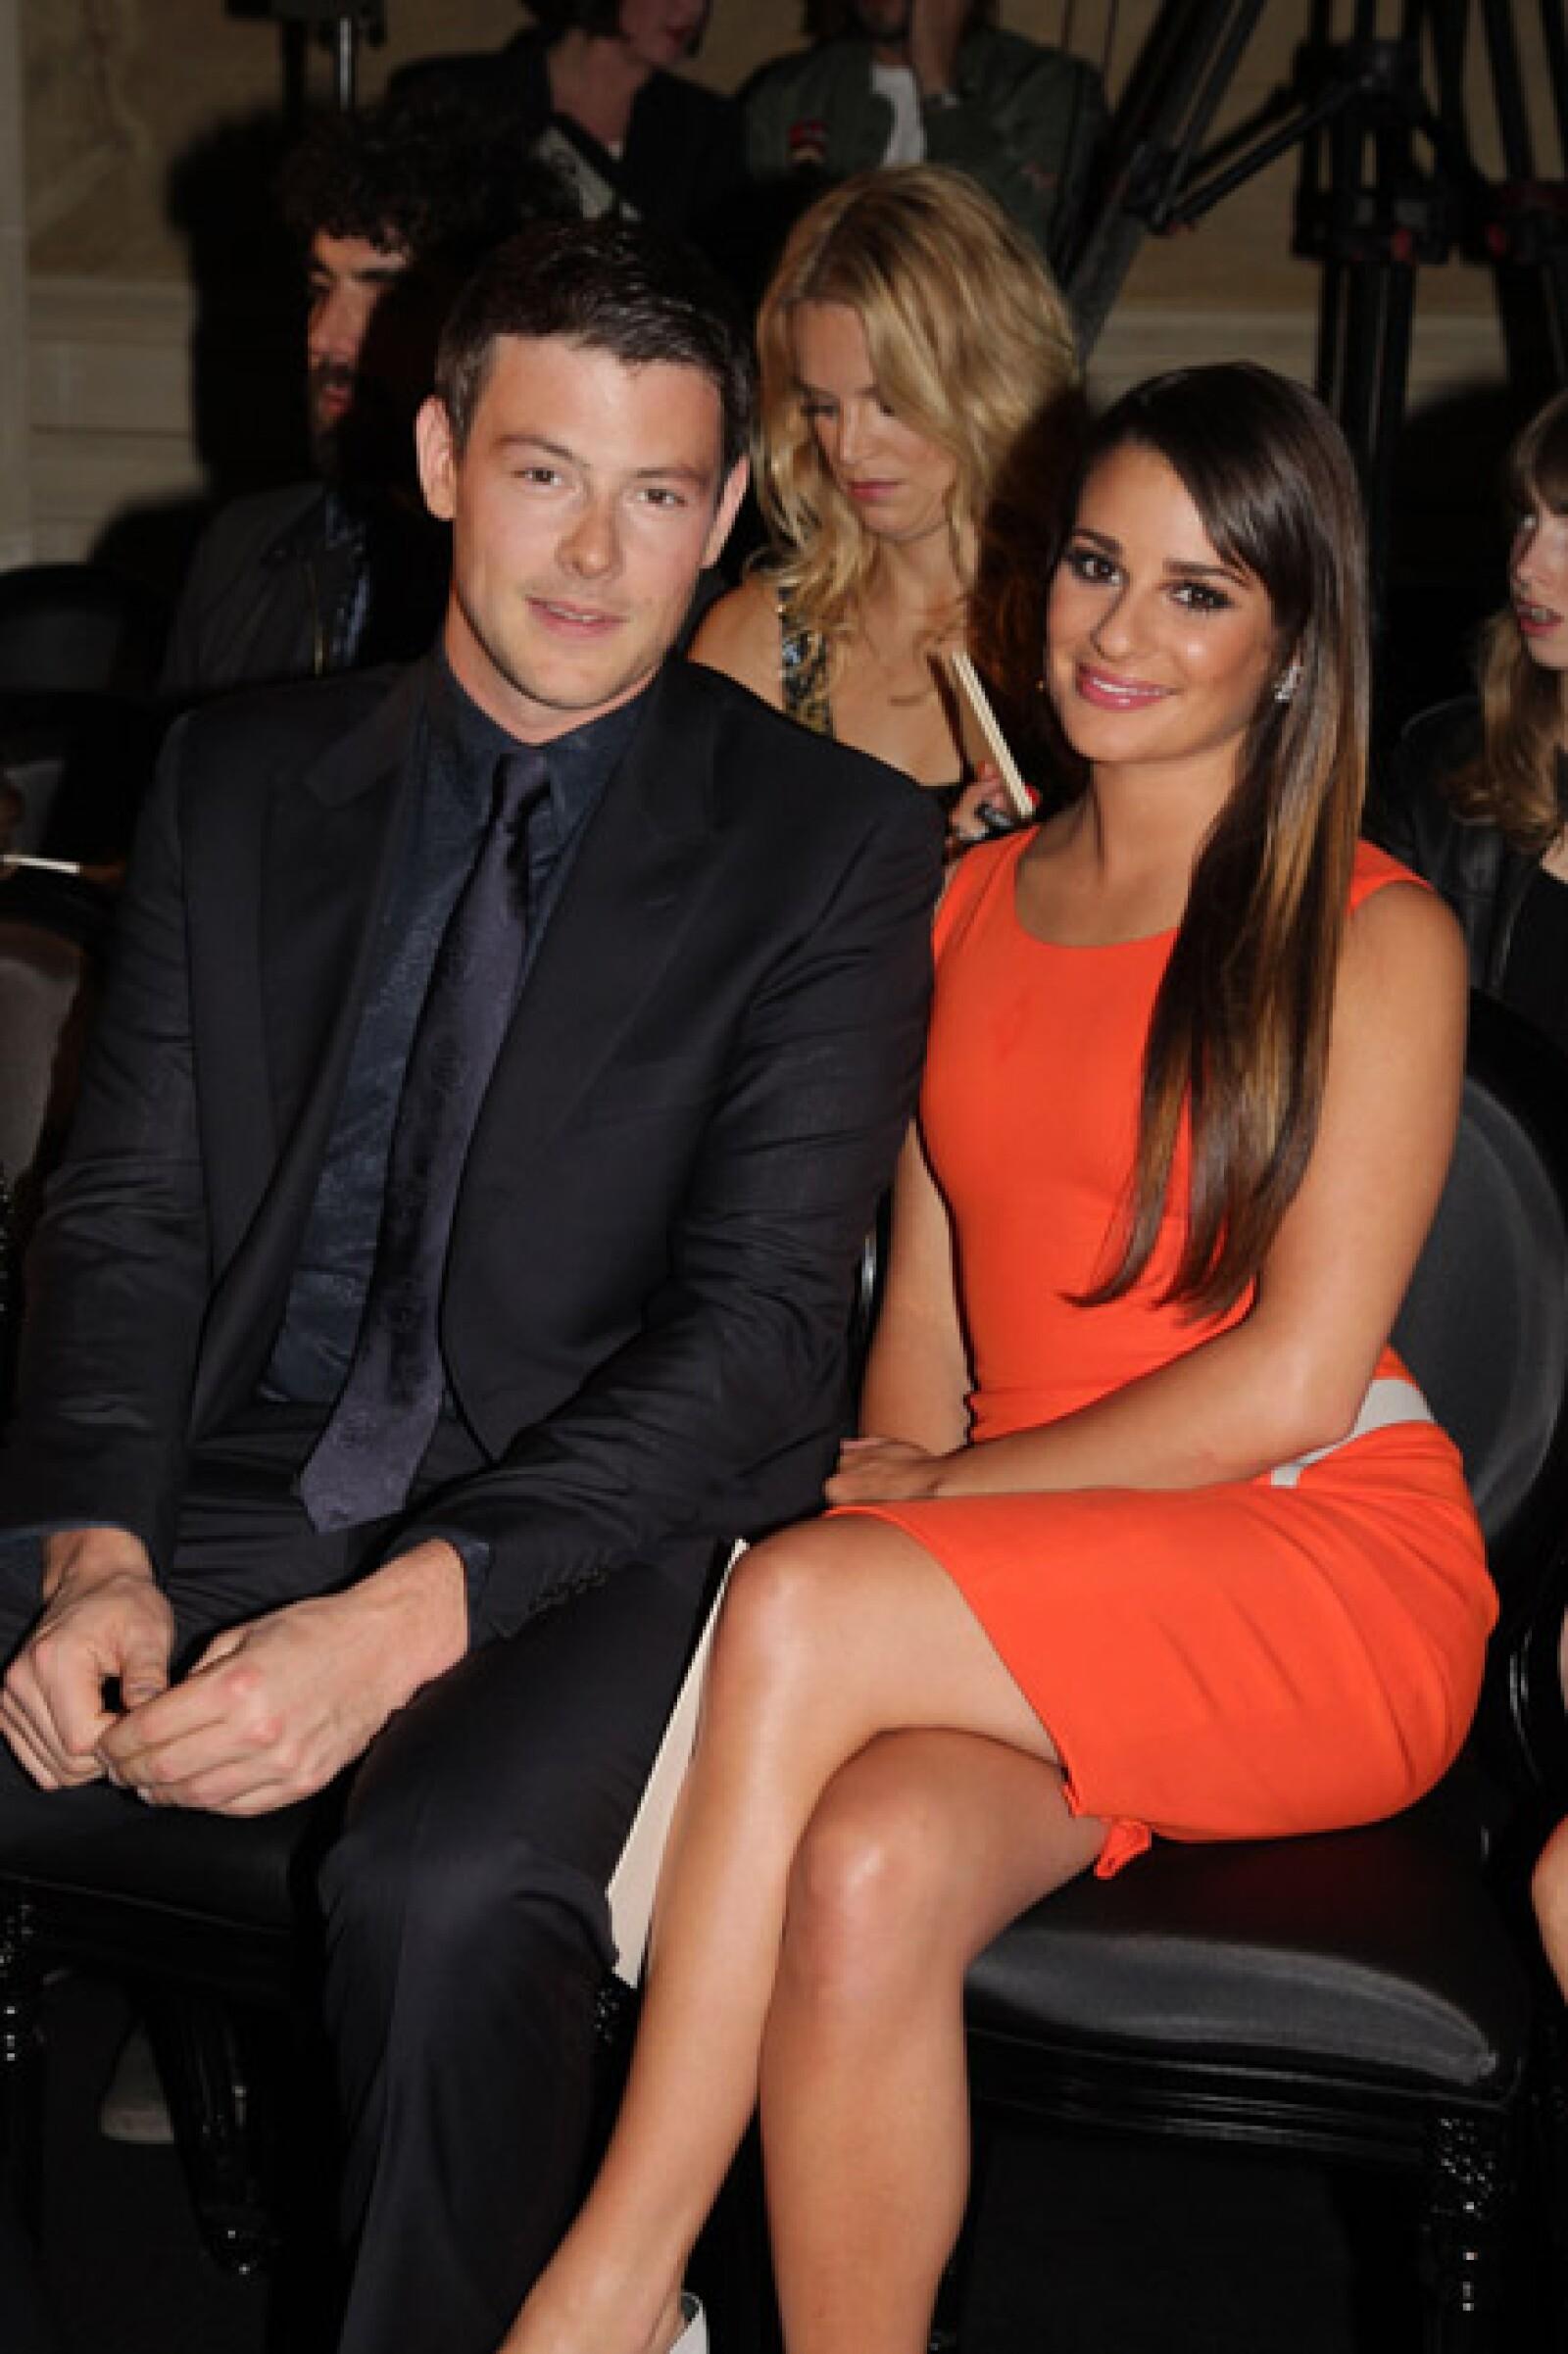 Formaban una pareja verdaderamente atractiva.